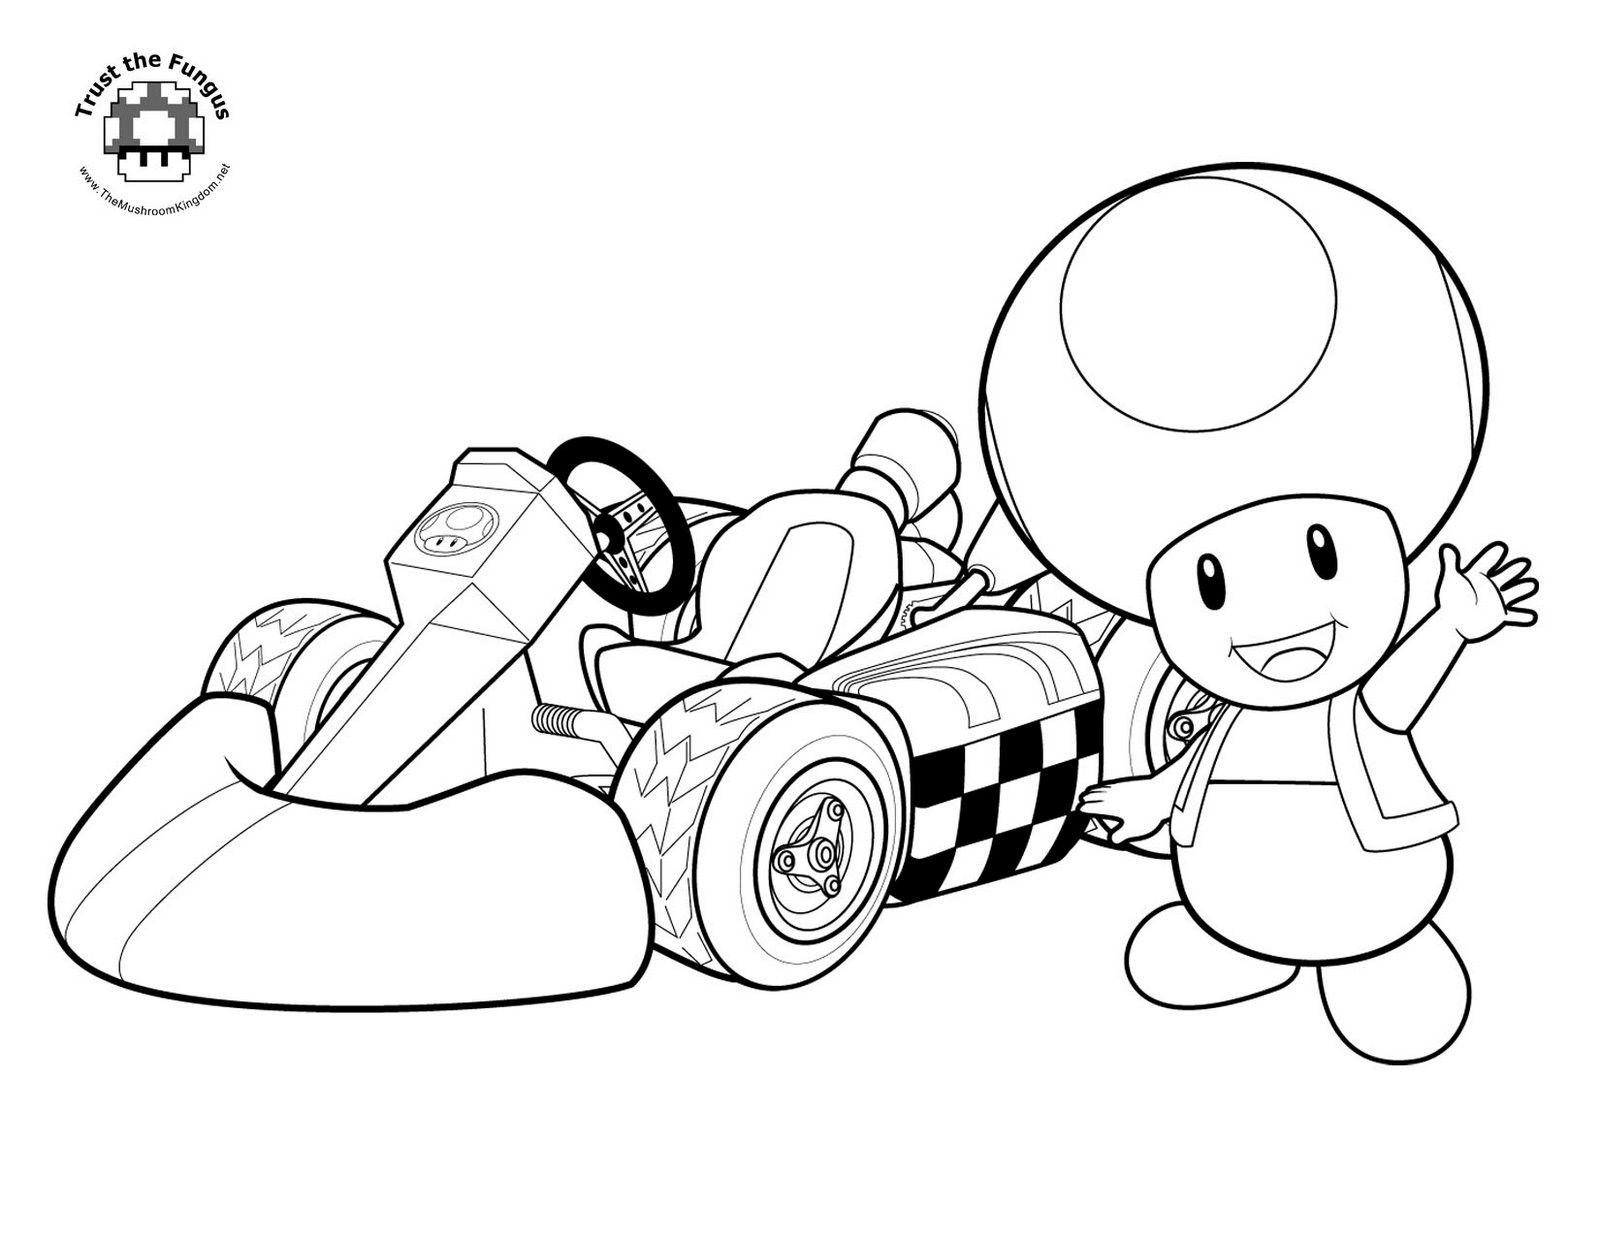 Toad Mario Coloring Page Cinebrique